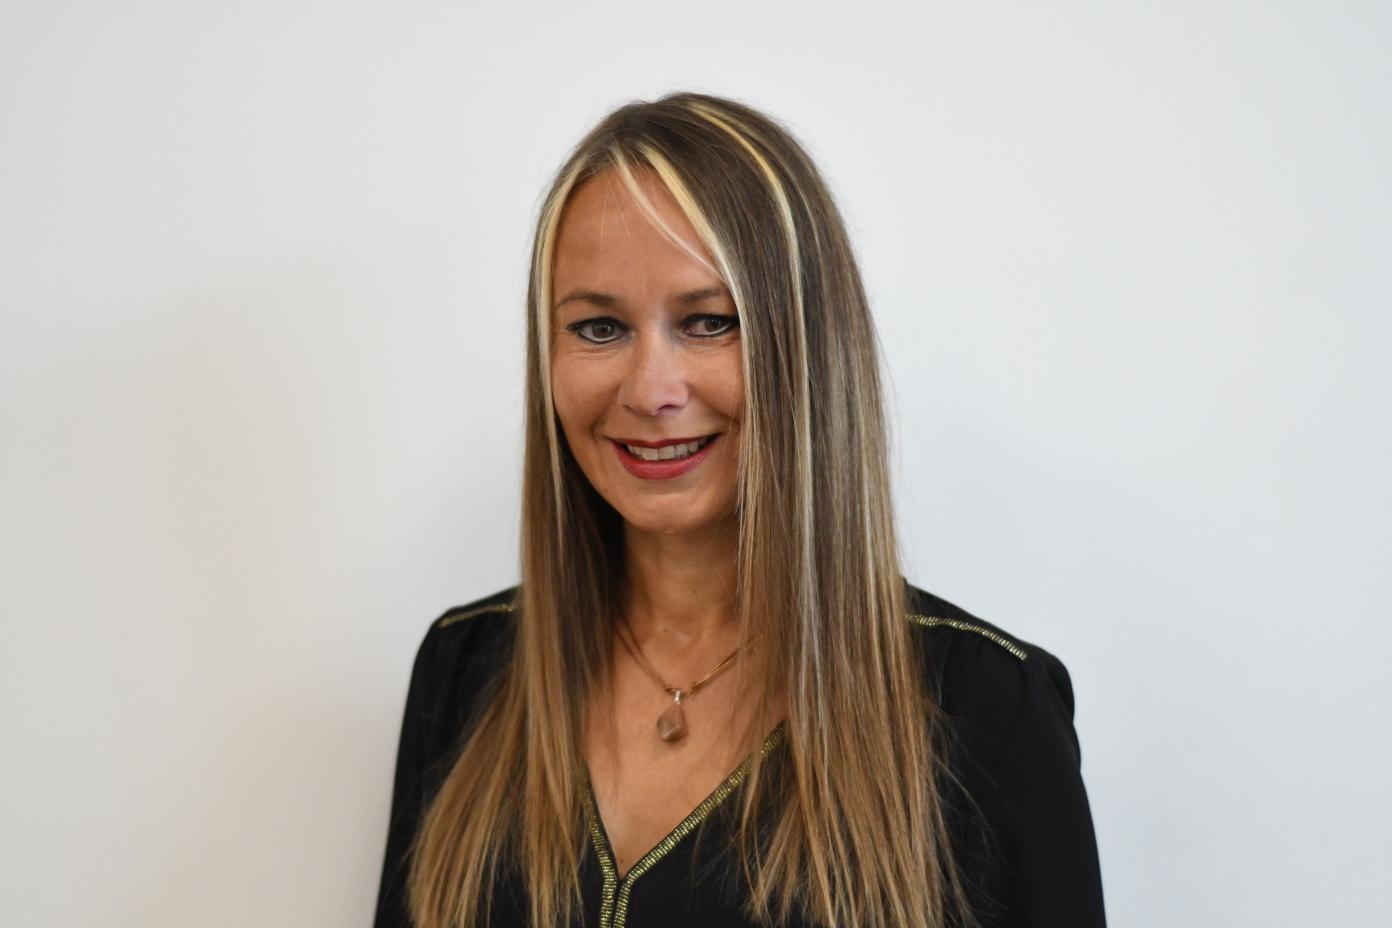 Andrea Karmann